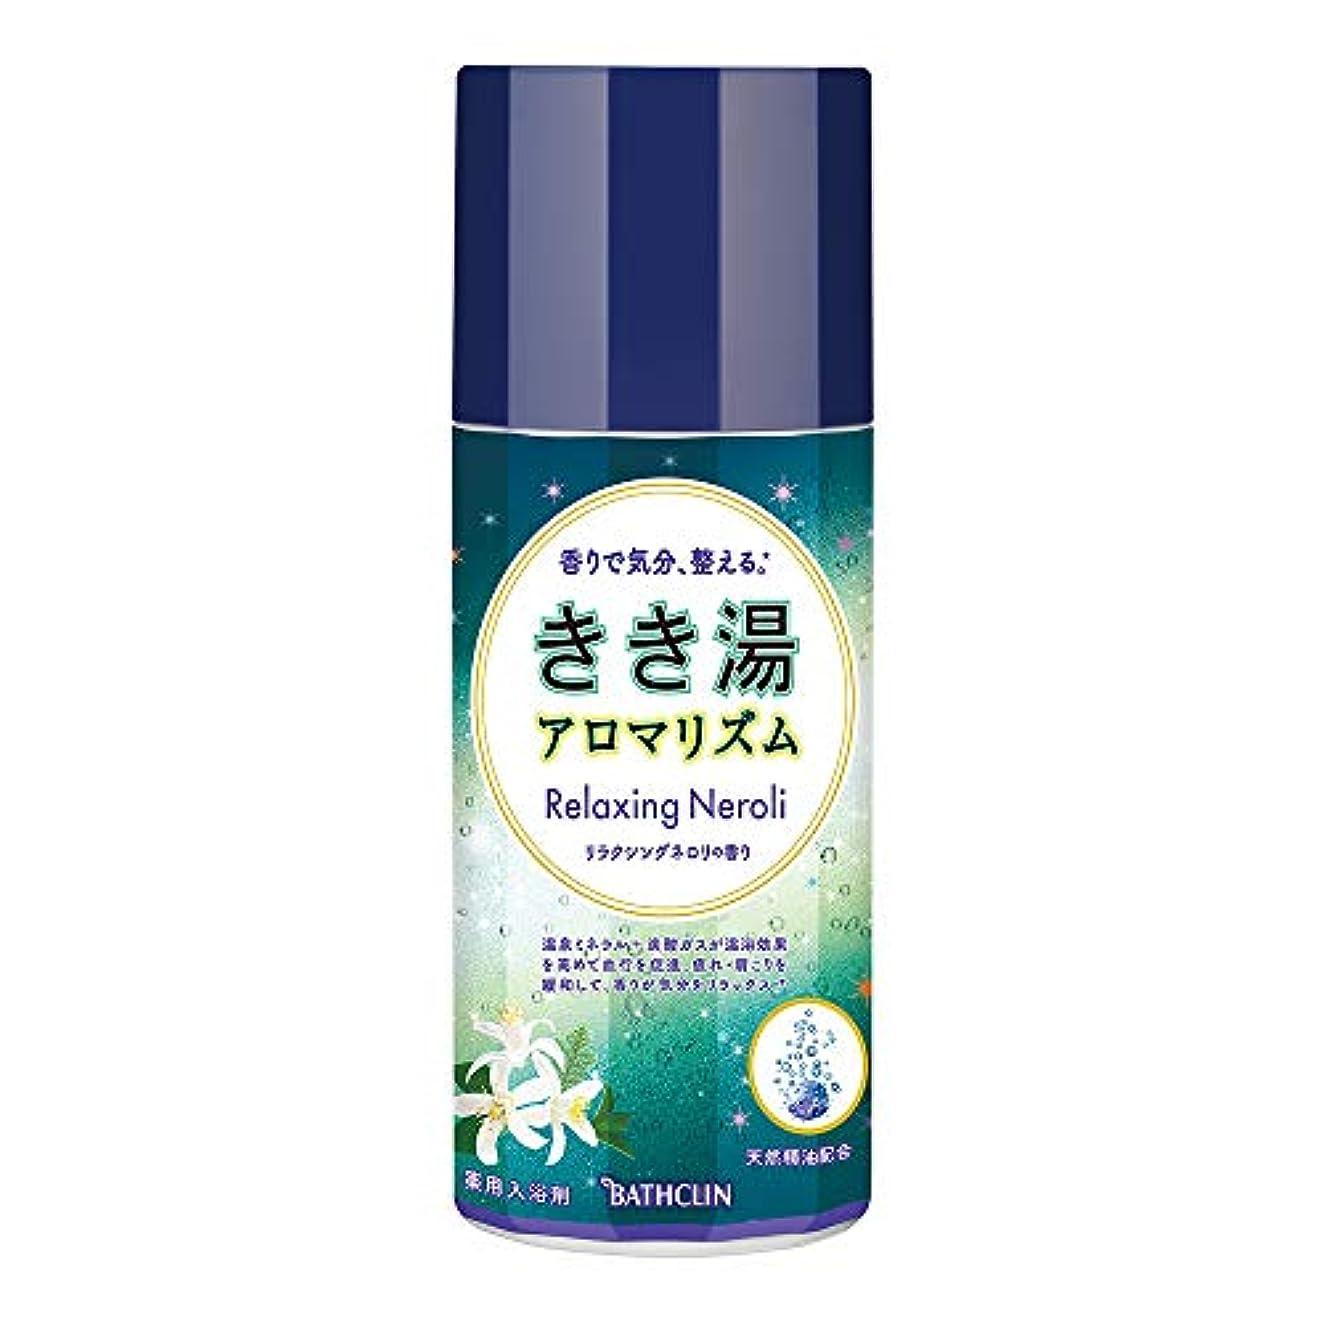 意味する卑しい着実に【医薬部外品】きき湯アロマリズム炭酸入浴剤 リラクシングネロリの香り 360g 発泡タイプ